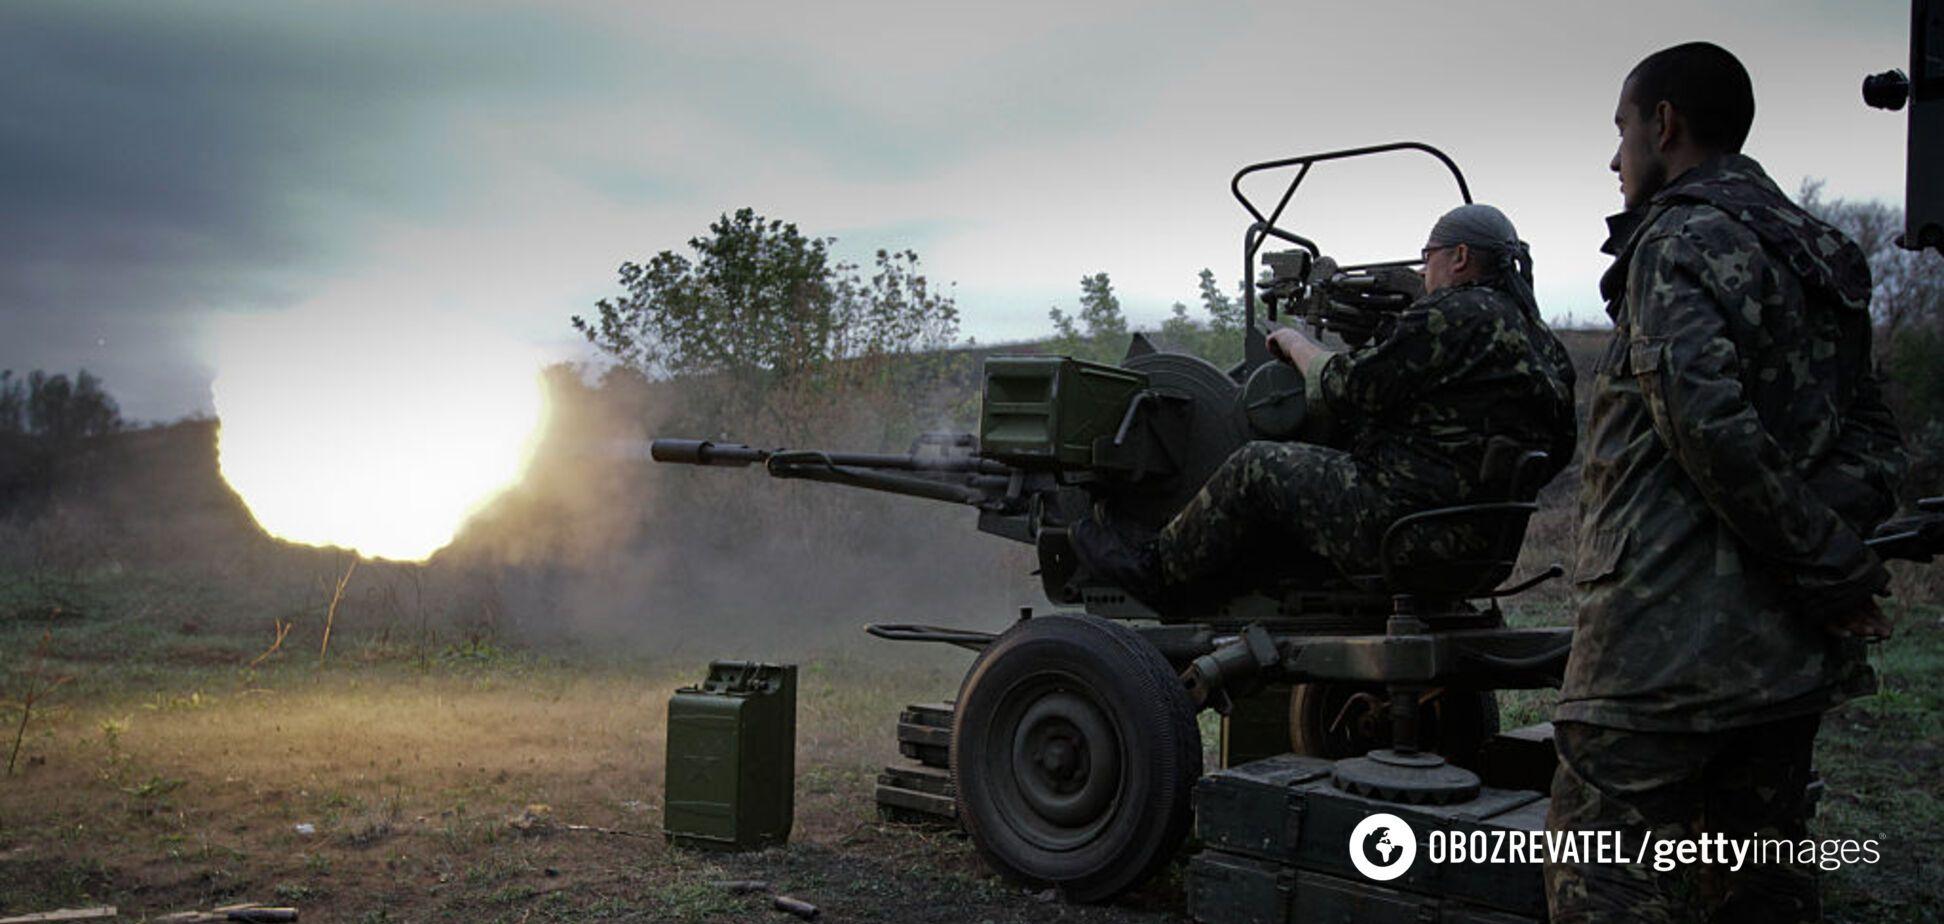 Найманці Росії вдарили по ЗСУ ракетою: заява Міноборони